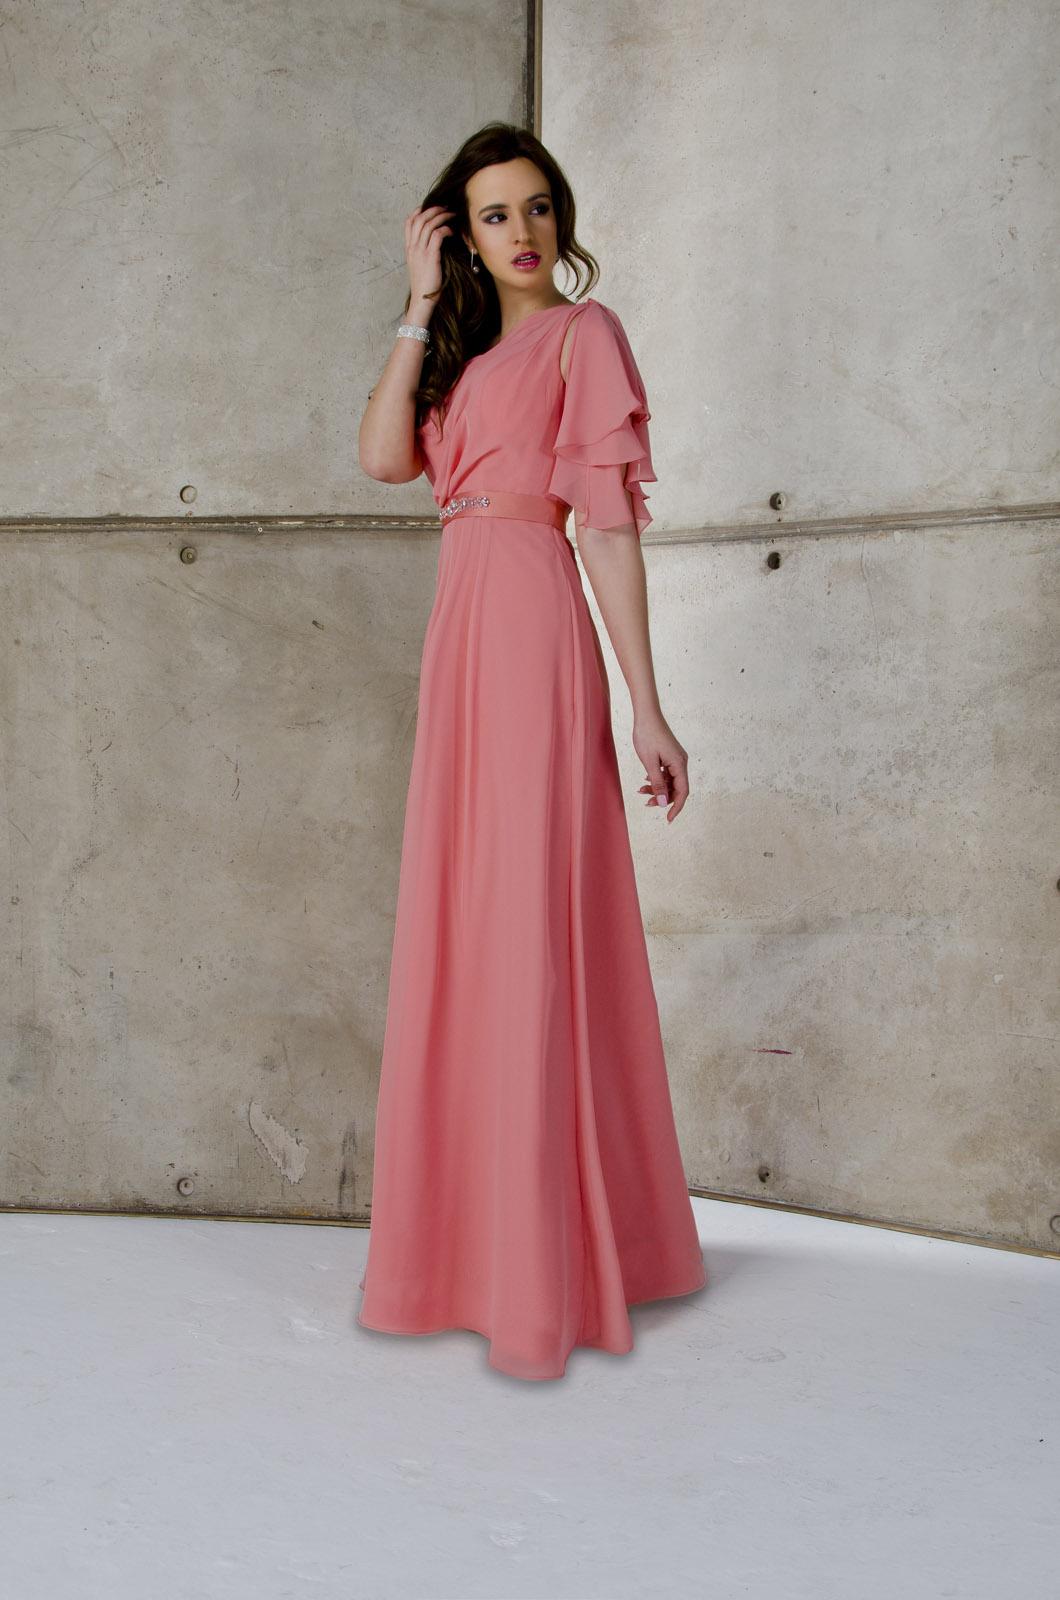 Moderno Vestido De Fiesta Por Sus Siglas En Curvas Embellecimiento ...